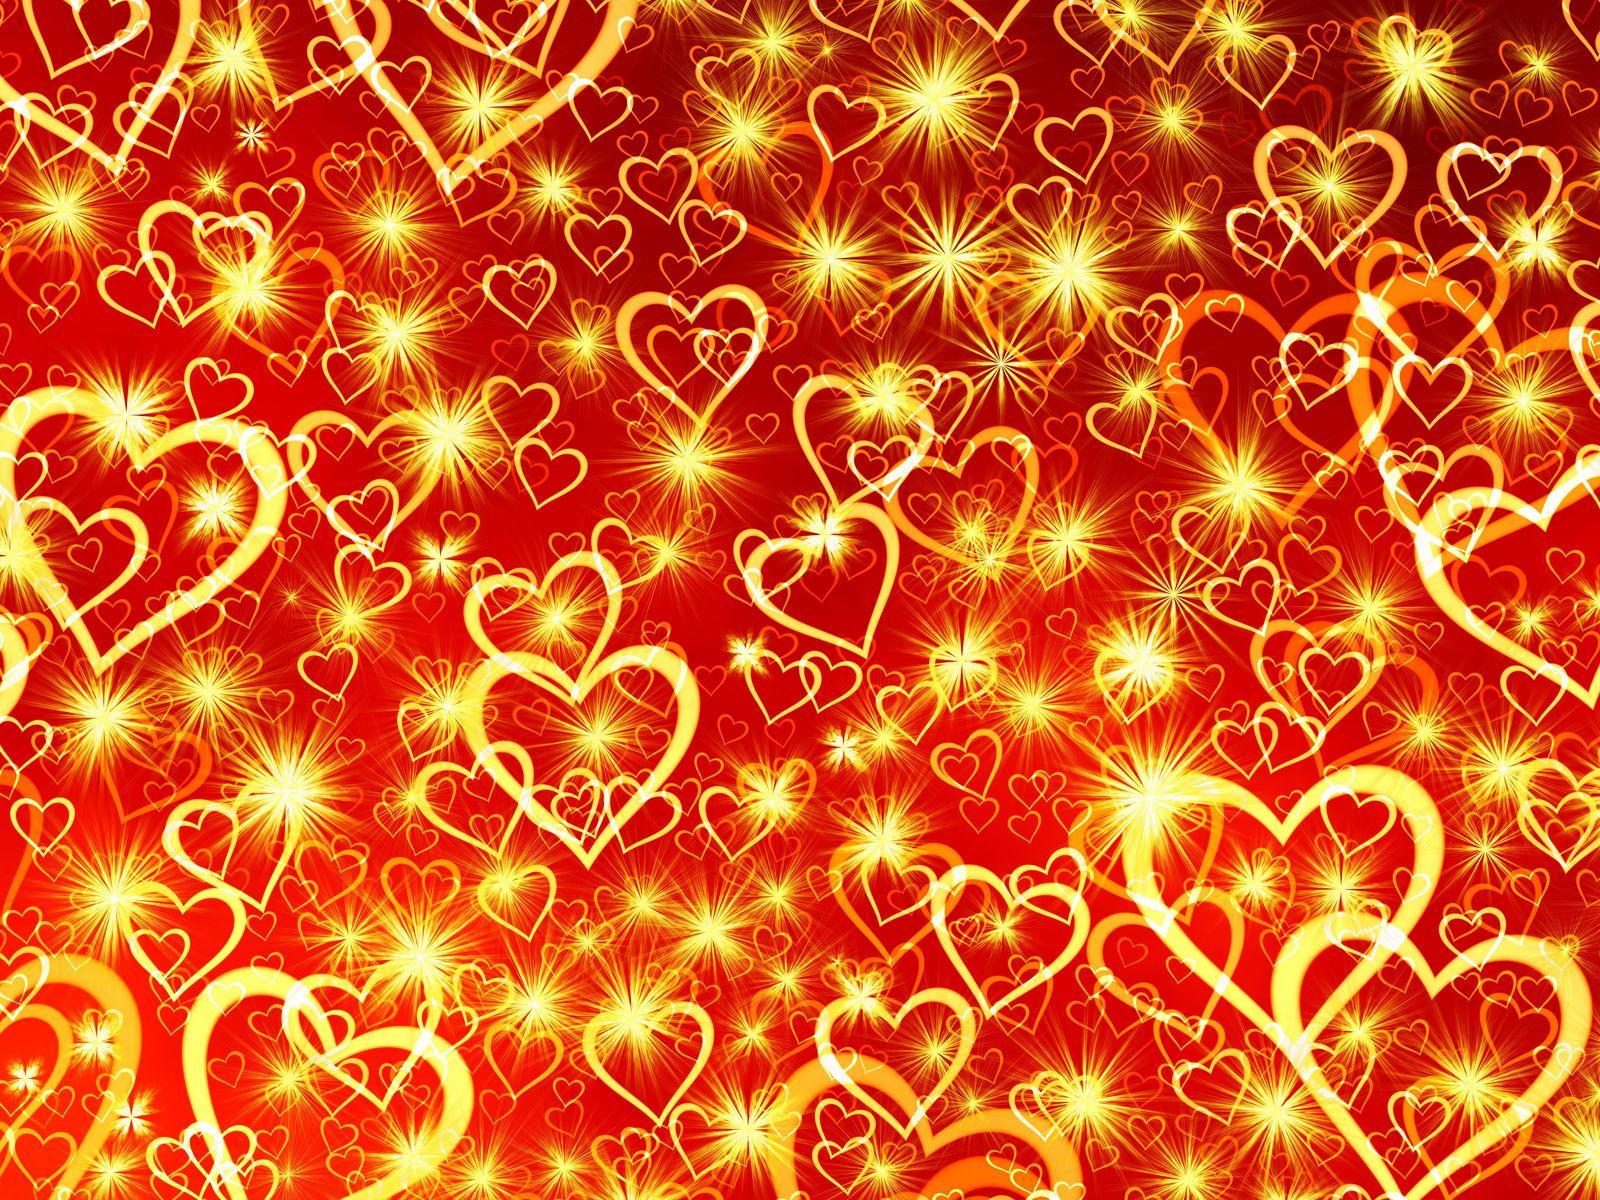 1600x1200 Wallpaper heart, art, shine